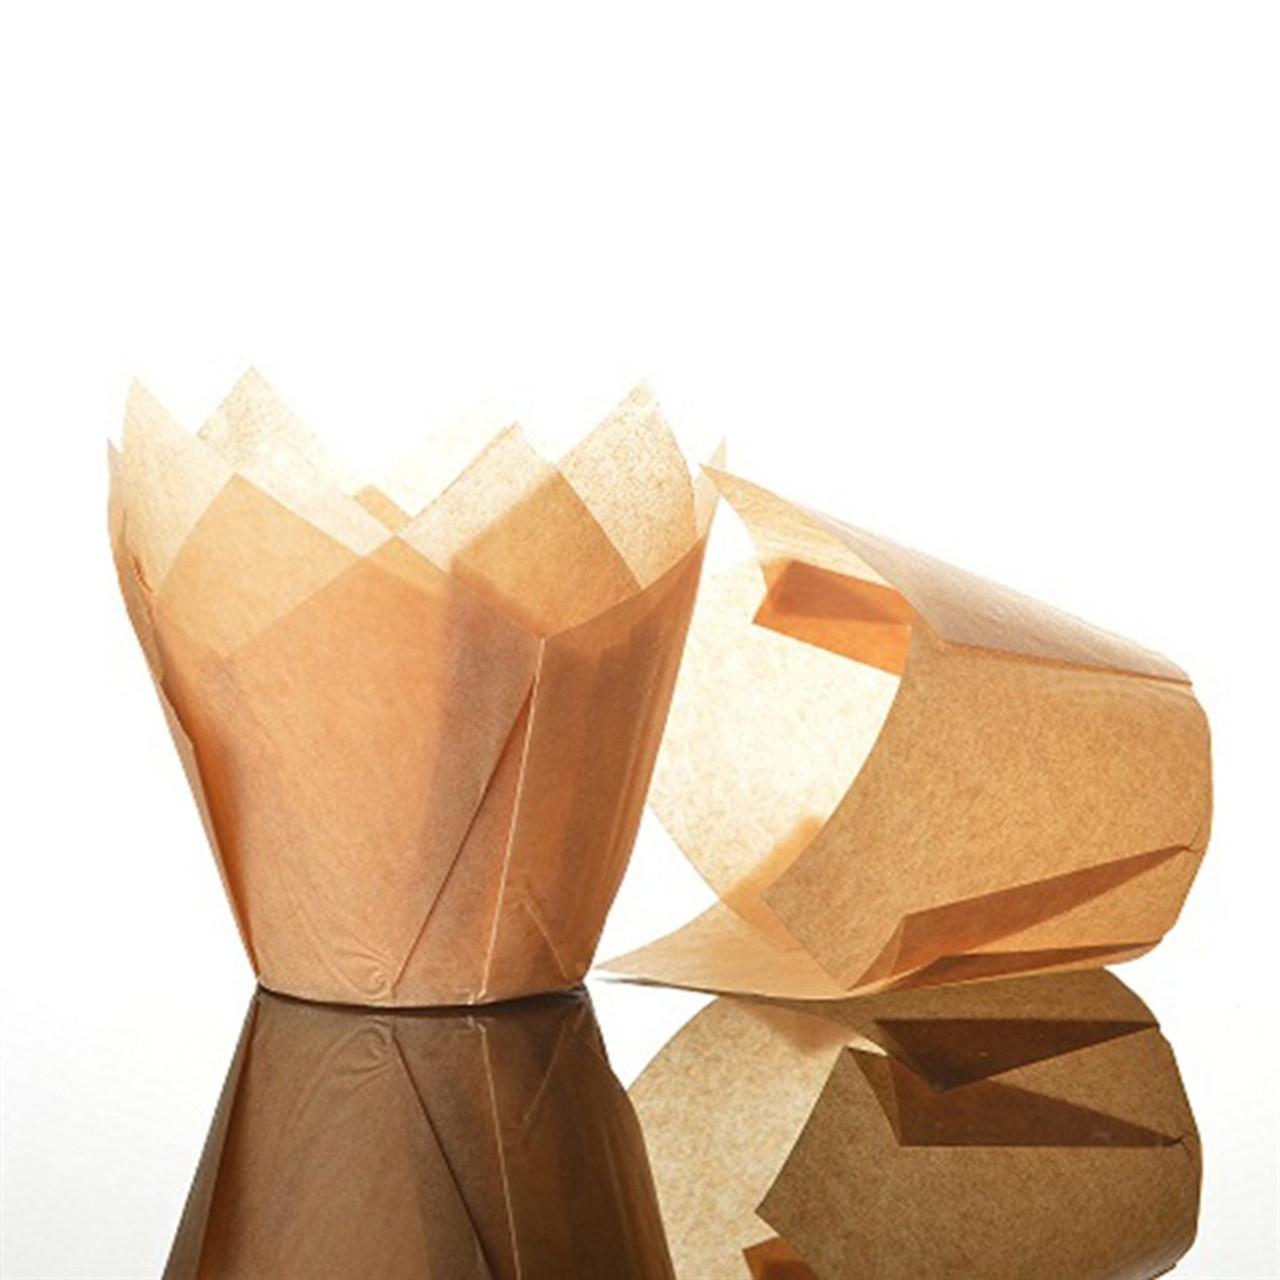 TULIP CUPCAKE/MUFFIN CASES CARAMEL x50